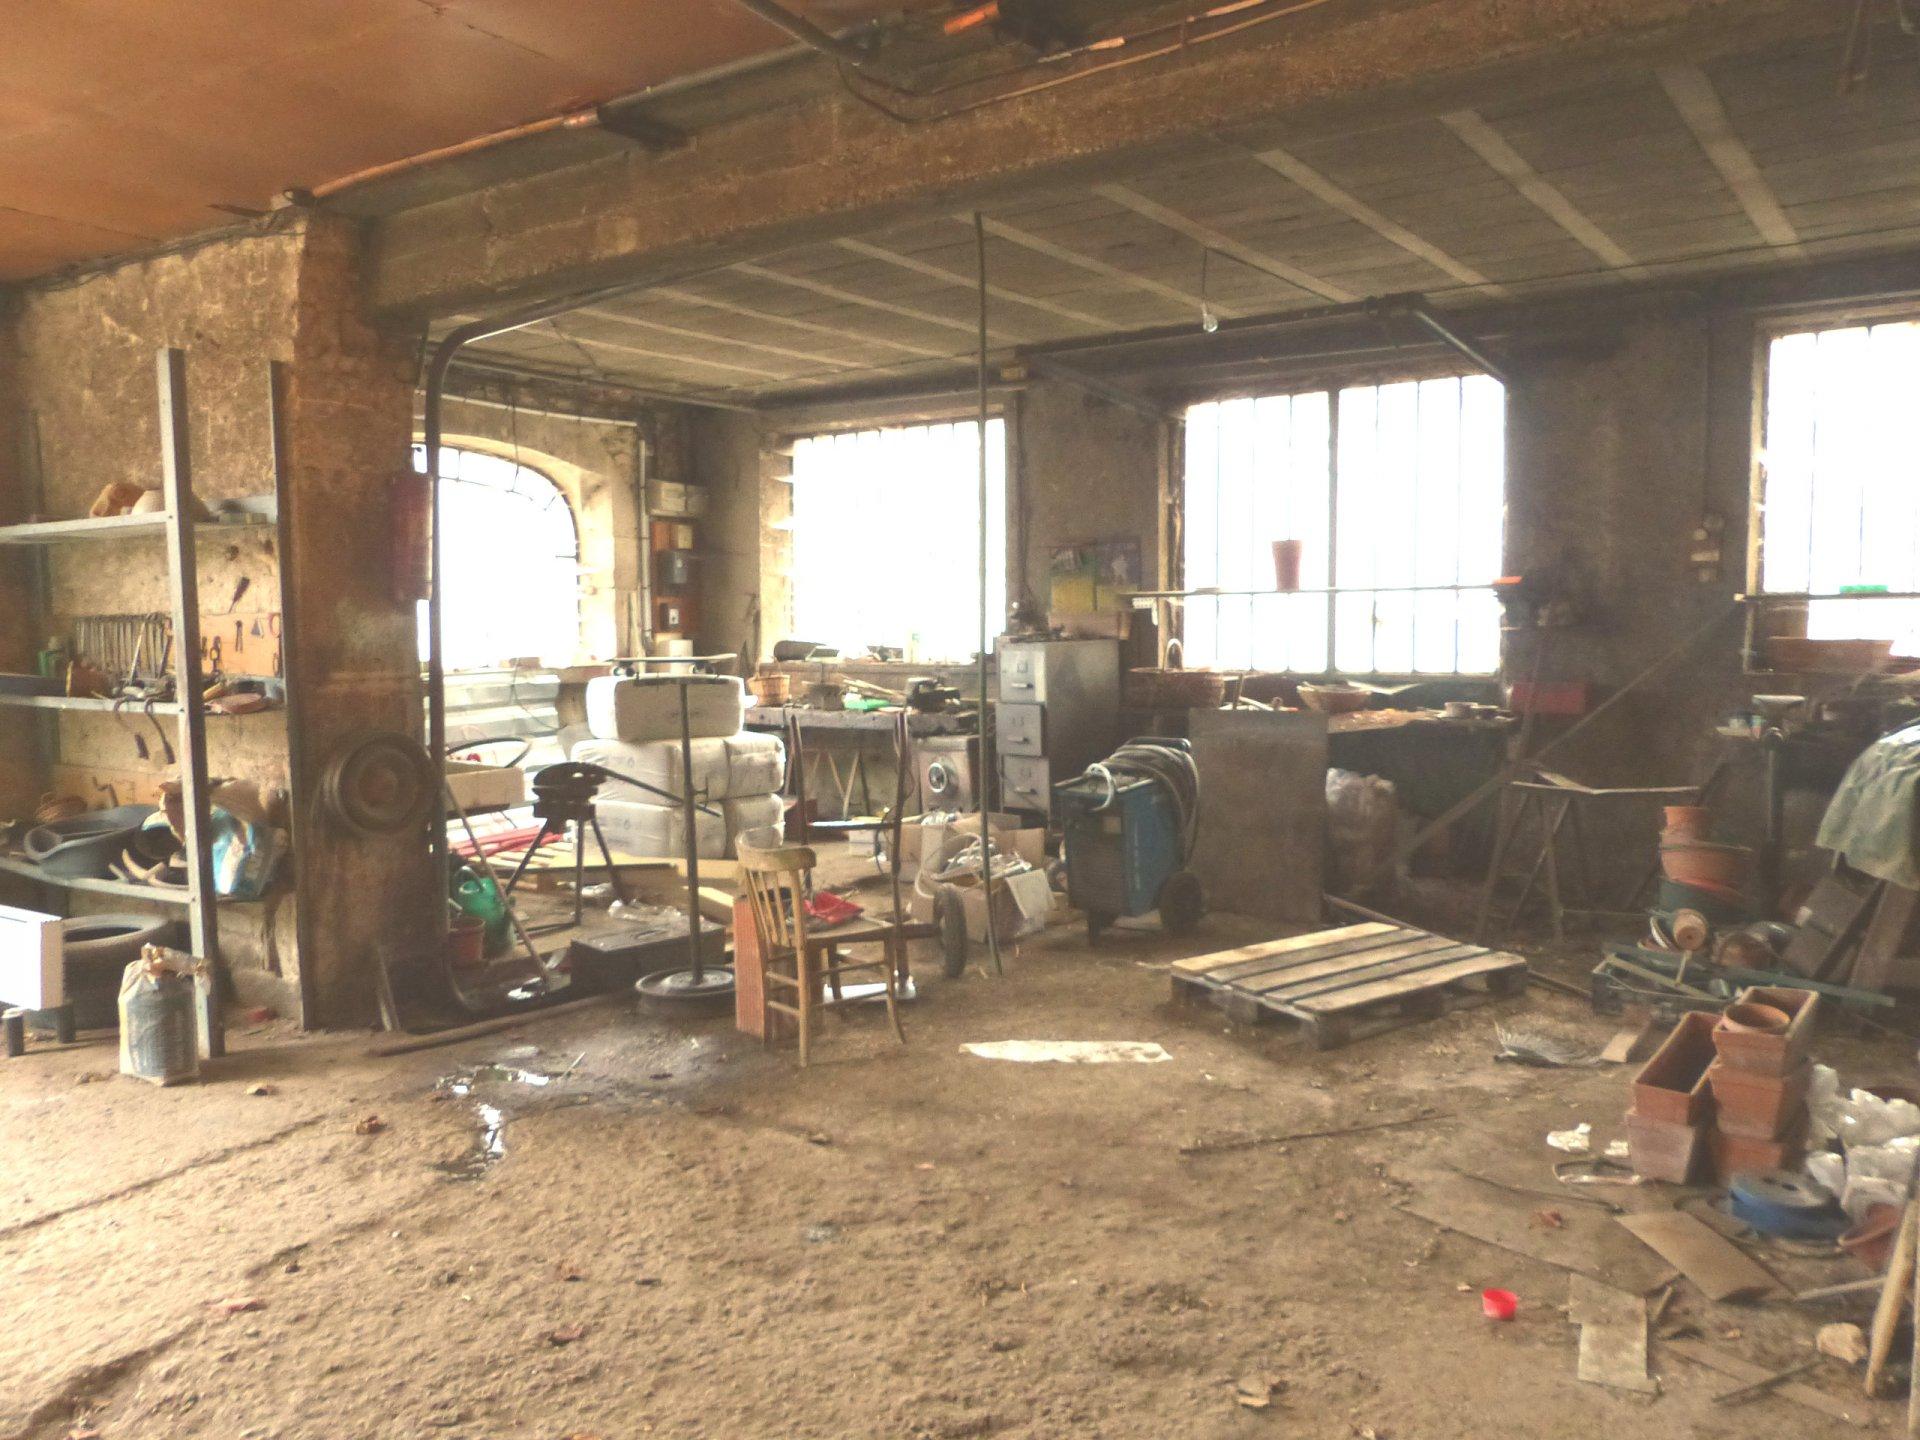 A 5 mn de la Roche Vineuse (nord-ouest de Mâcon), au c?ur du charmant village de Verzé, maison à rénover disposant d'un superbe potentiel.  Elle se compose d'une partie habitable de 155 m² avec entrée, cellier, cuisine, grand salon et trois chambres (16,21 et 16m²). Au rez de chaussée, elle dispose de la même surface avec un grand garage, atelier, caves. Belles ouvertures, possibilité d'aménager cette partie ainsi que des combles de 100 m².   Le plus: la maison donne sur une cour de 336 m², exposée plein sud.  Travaux à réaliser mais très beau potentiel avec de nombreuses possibilités d'aménagement, à visiter sans tarder! Honoraires à charge vendeurs.